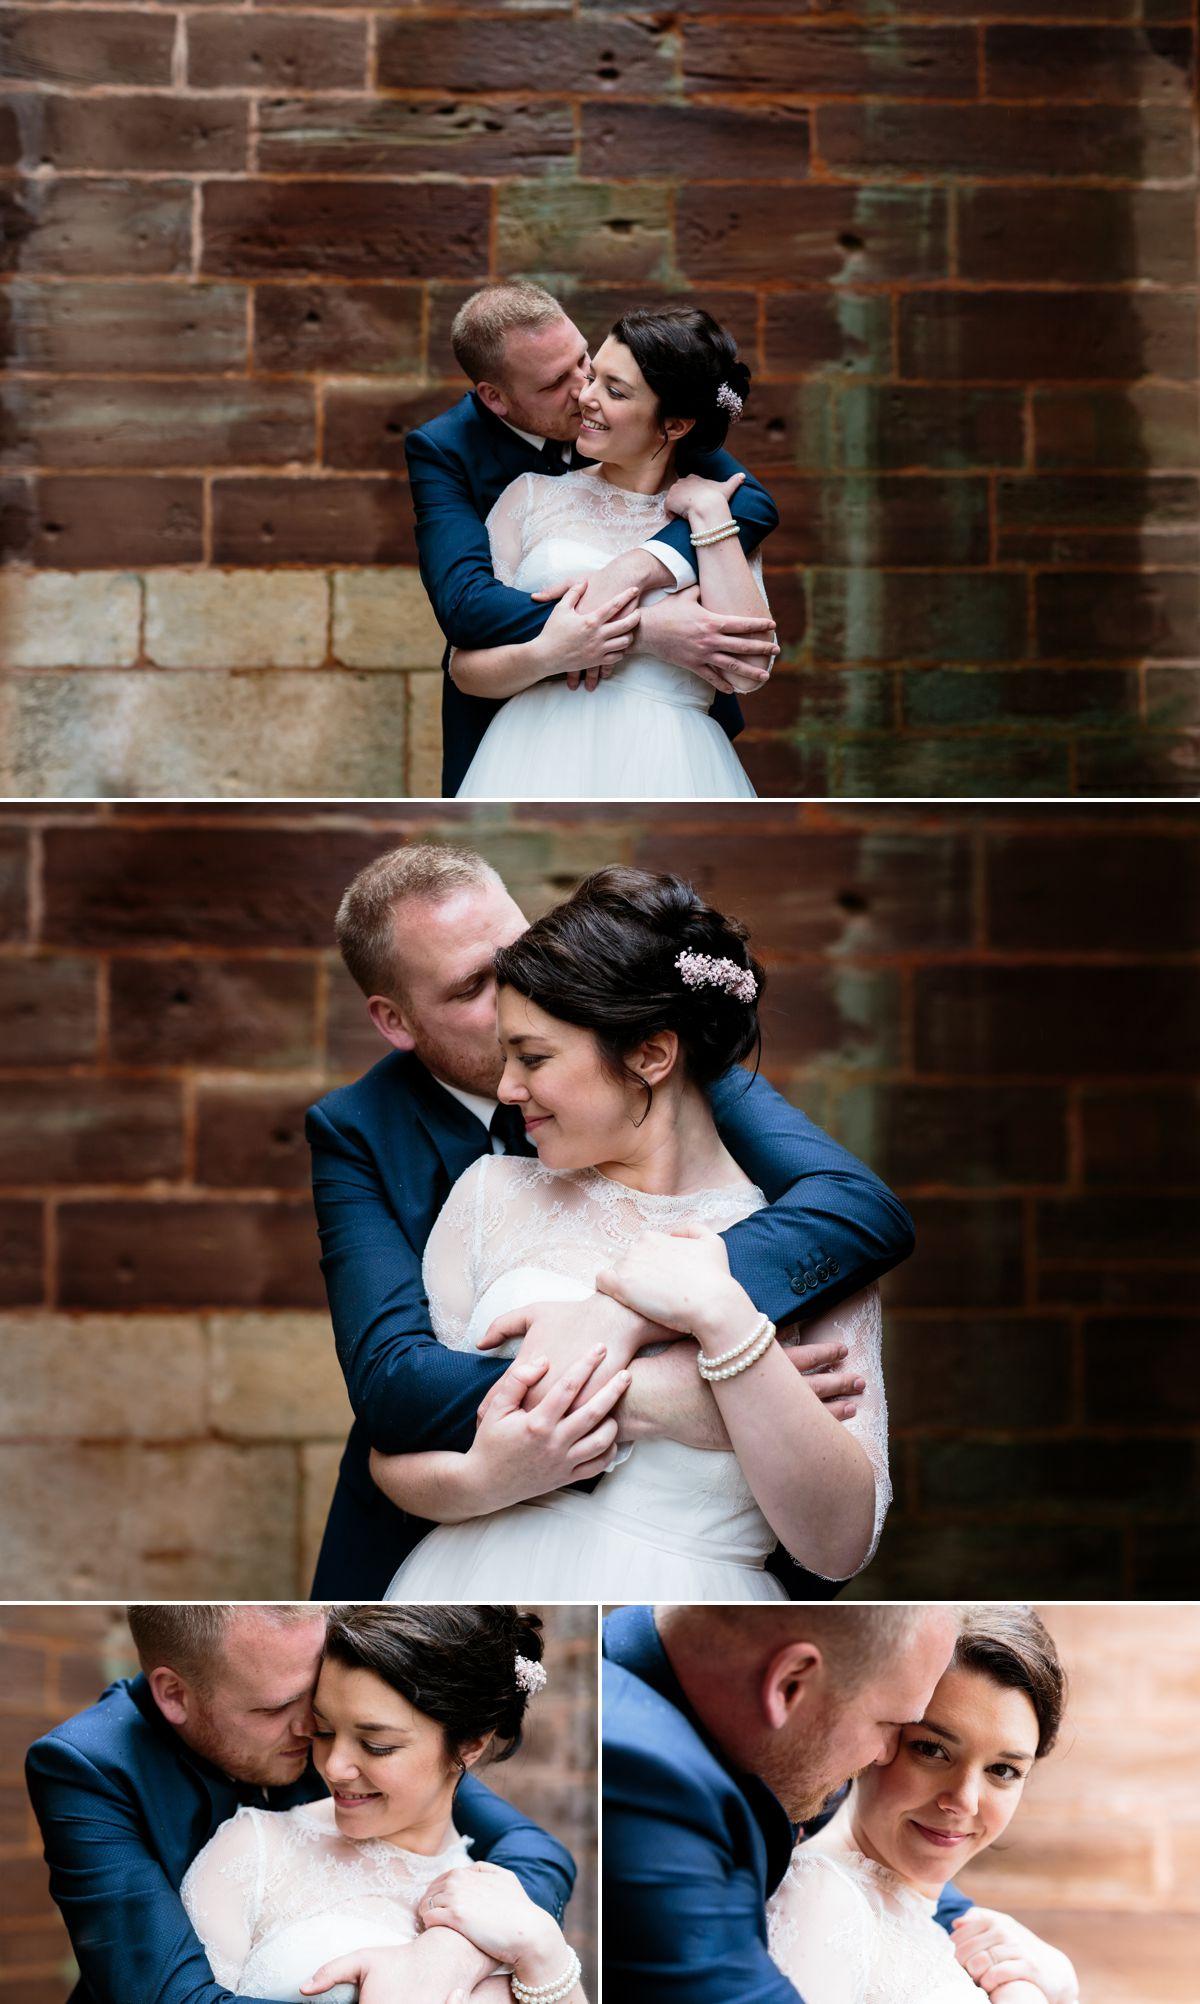 emiliekphotgraphie-mariage-franchecomté-belfort-paulineetjeannoel 8